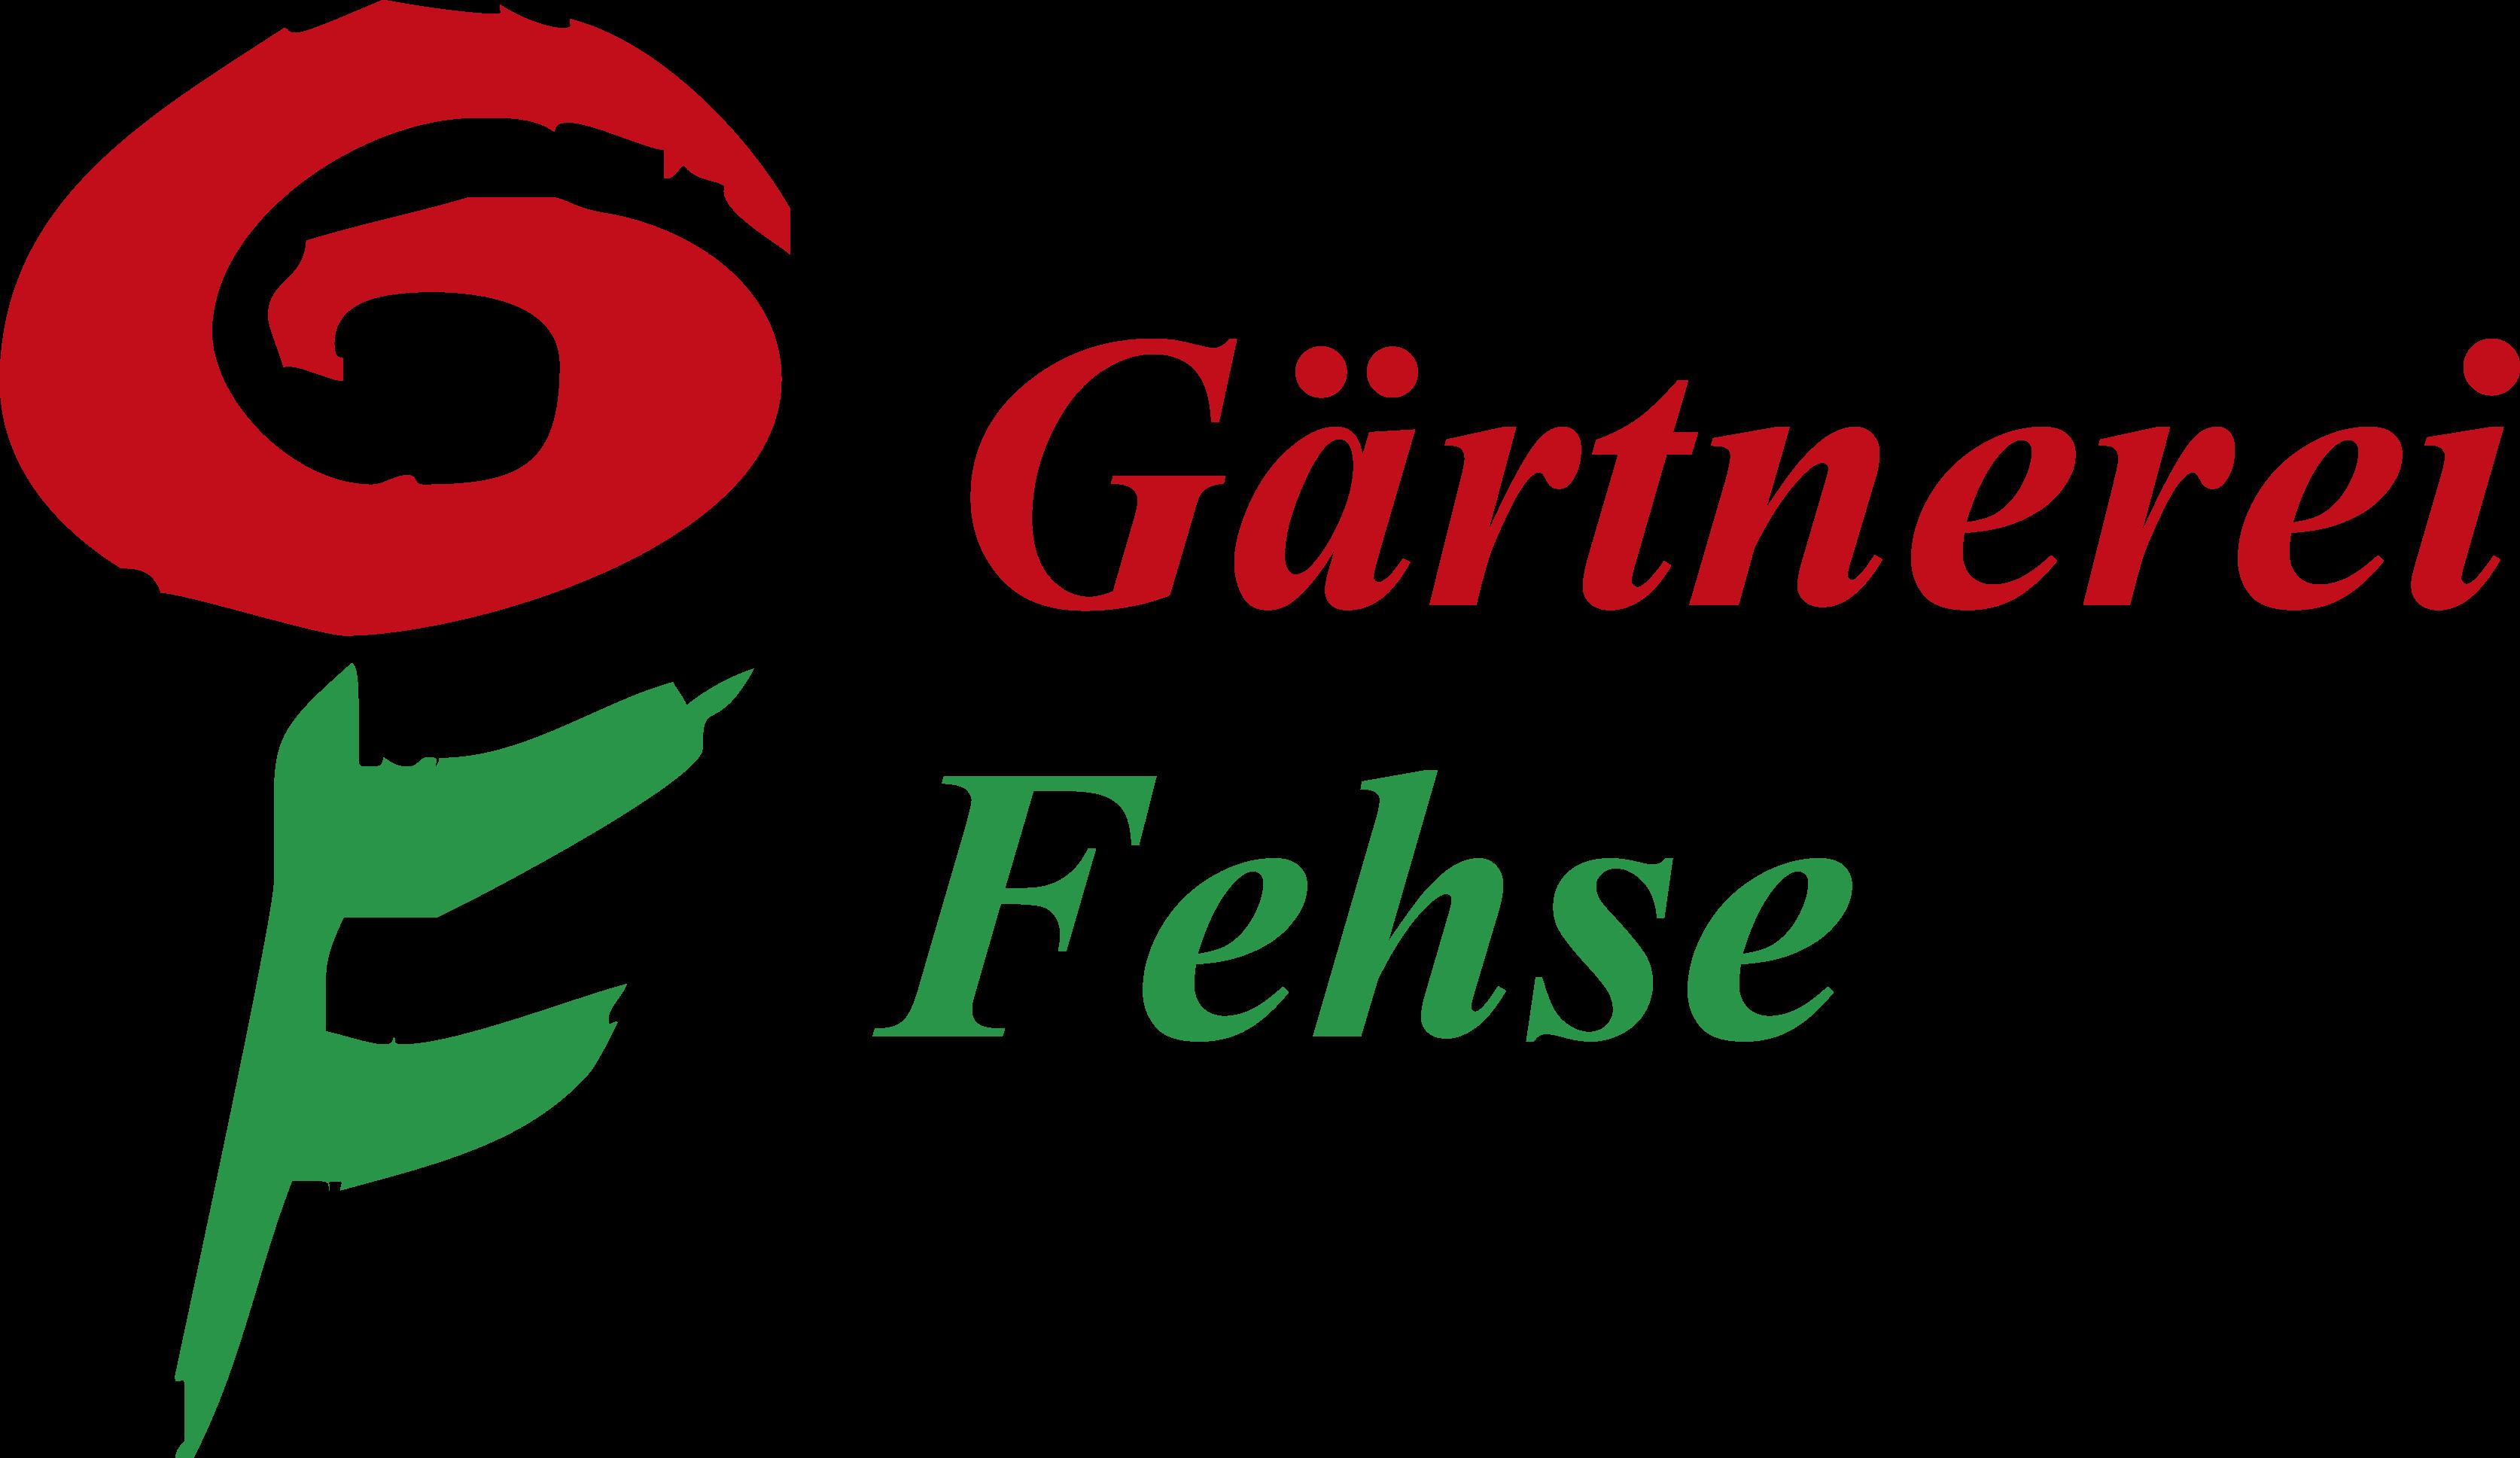 Gärtnerei-Fehse